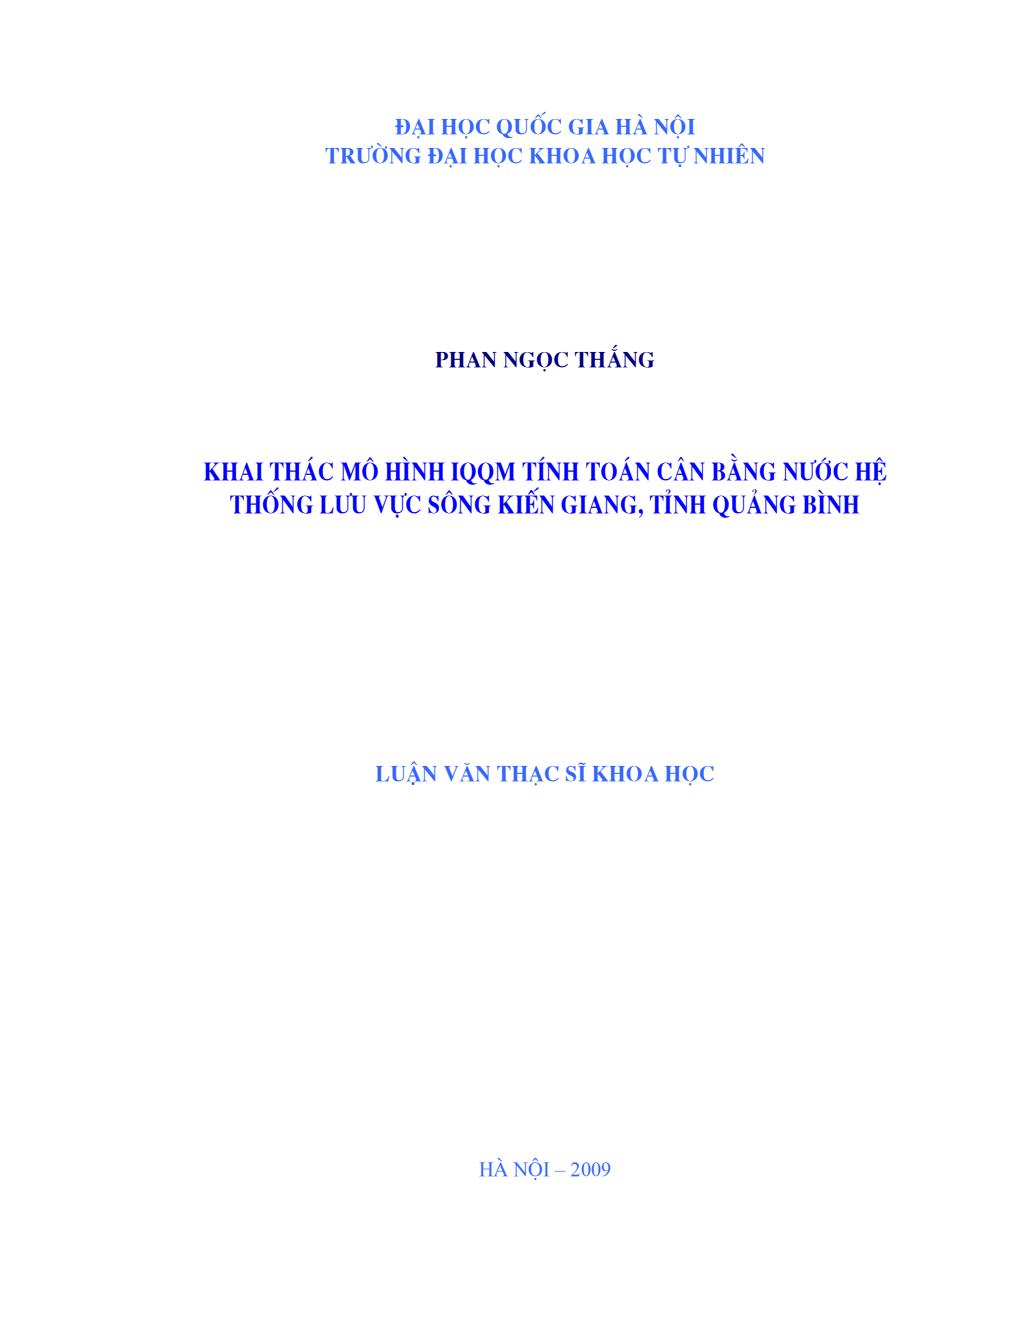 """Luận văn thạc sĩ khoa học """" Khai thác mô hình IQQM tính toán cân bằng nước hệ thống lưu vực sông Kiến Giang, tỉnh Quảng Bình """""""